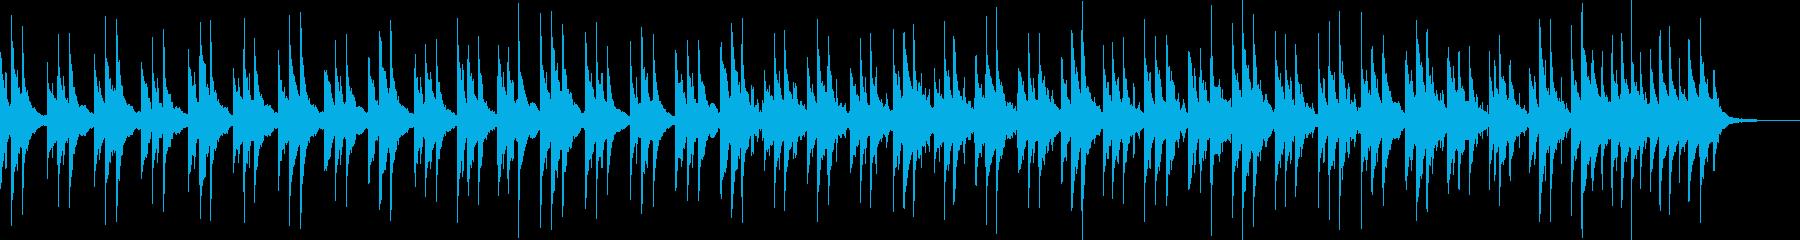 ゆったりとしたヒーリング的ピアノソロの再生済みの波形